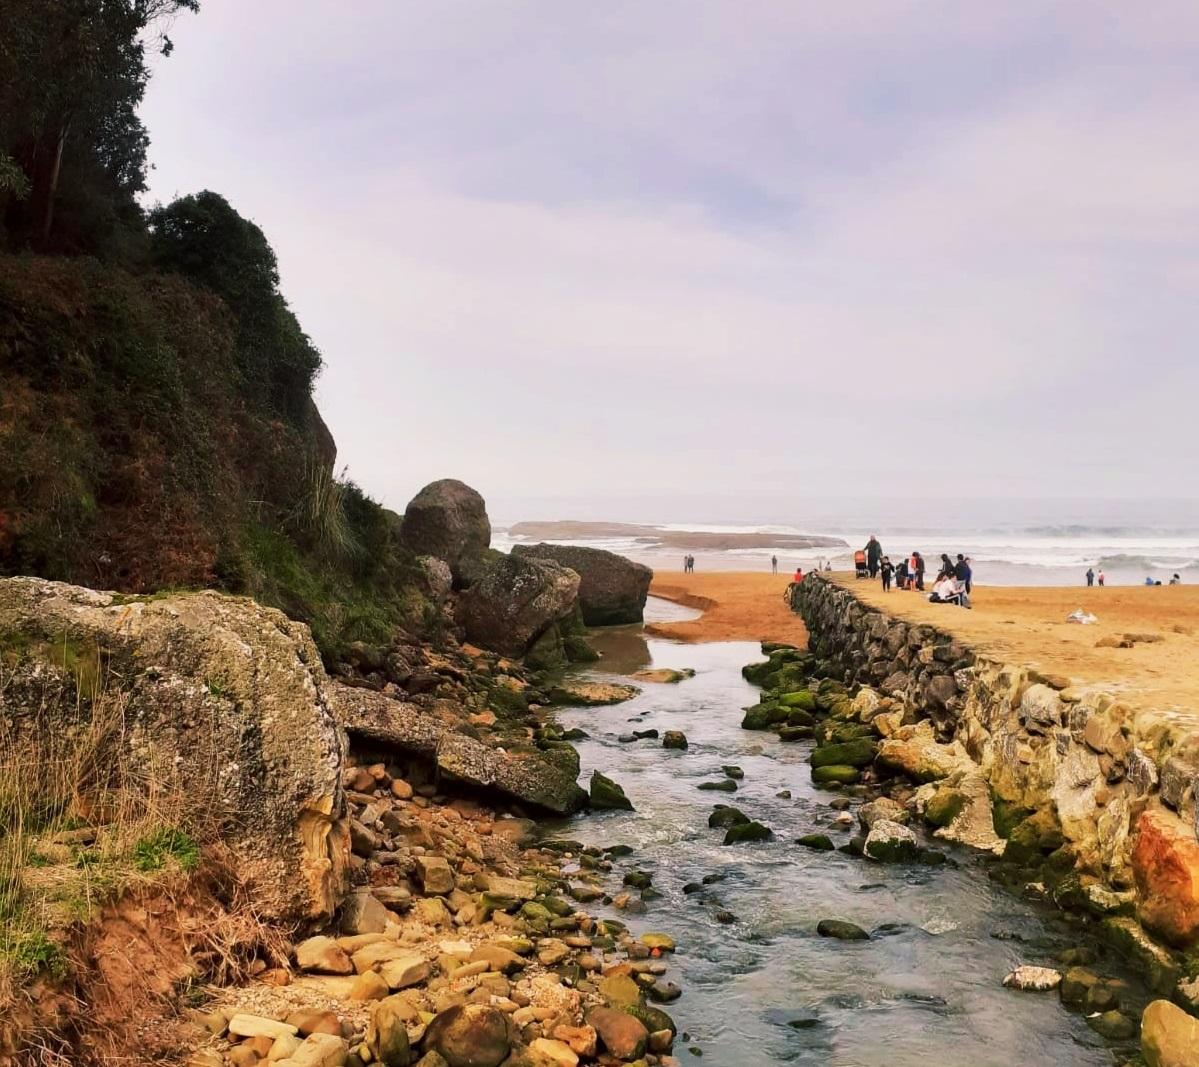 Llegada del río a la Playa.